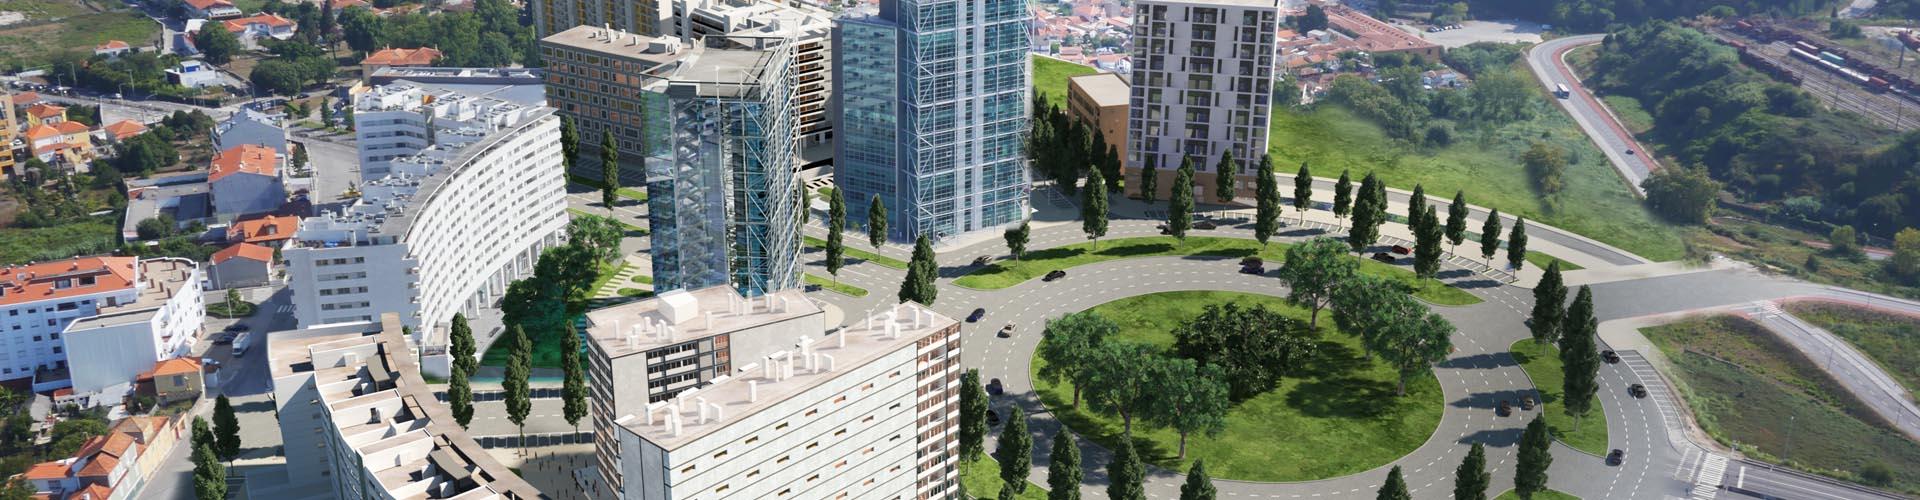 Santa Marinha Design District / Teixeira Duarte